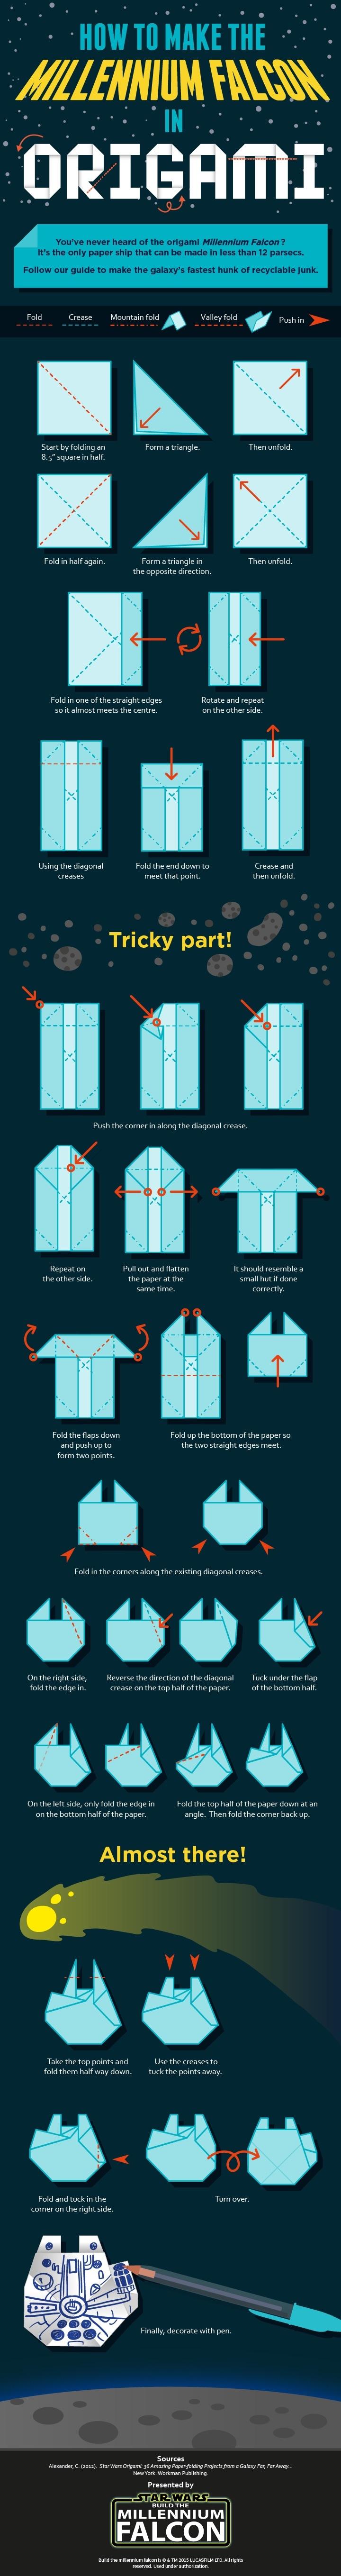 折り紙でミレニアム・ファルコンを折る方法